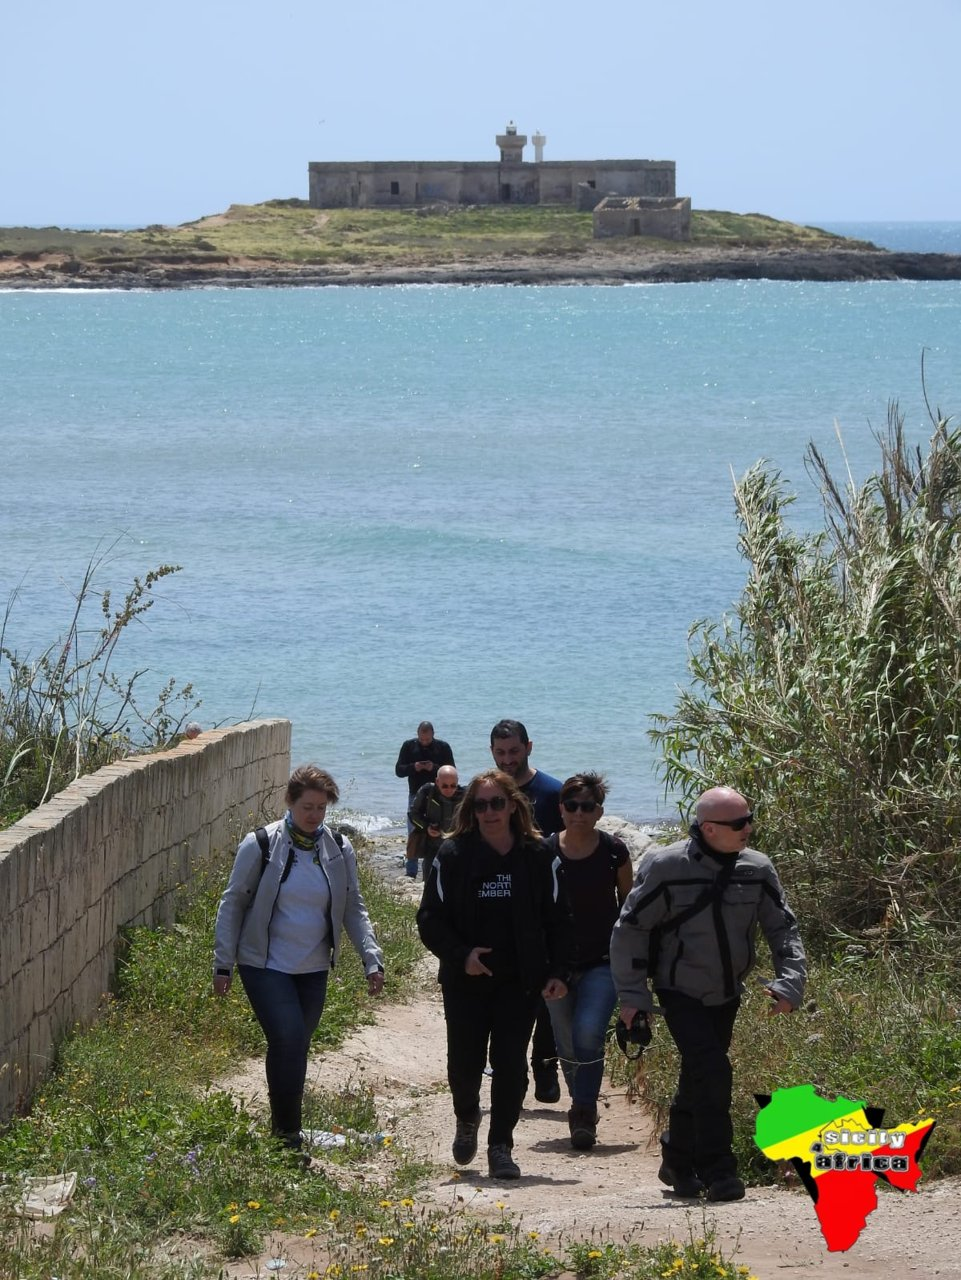 Sicily4Africa-3th-edition-Isola delle Correnti